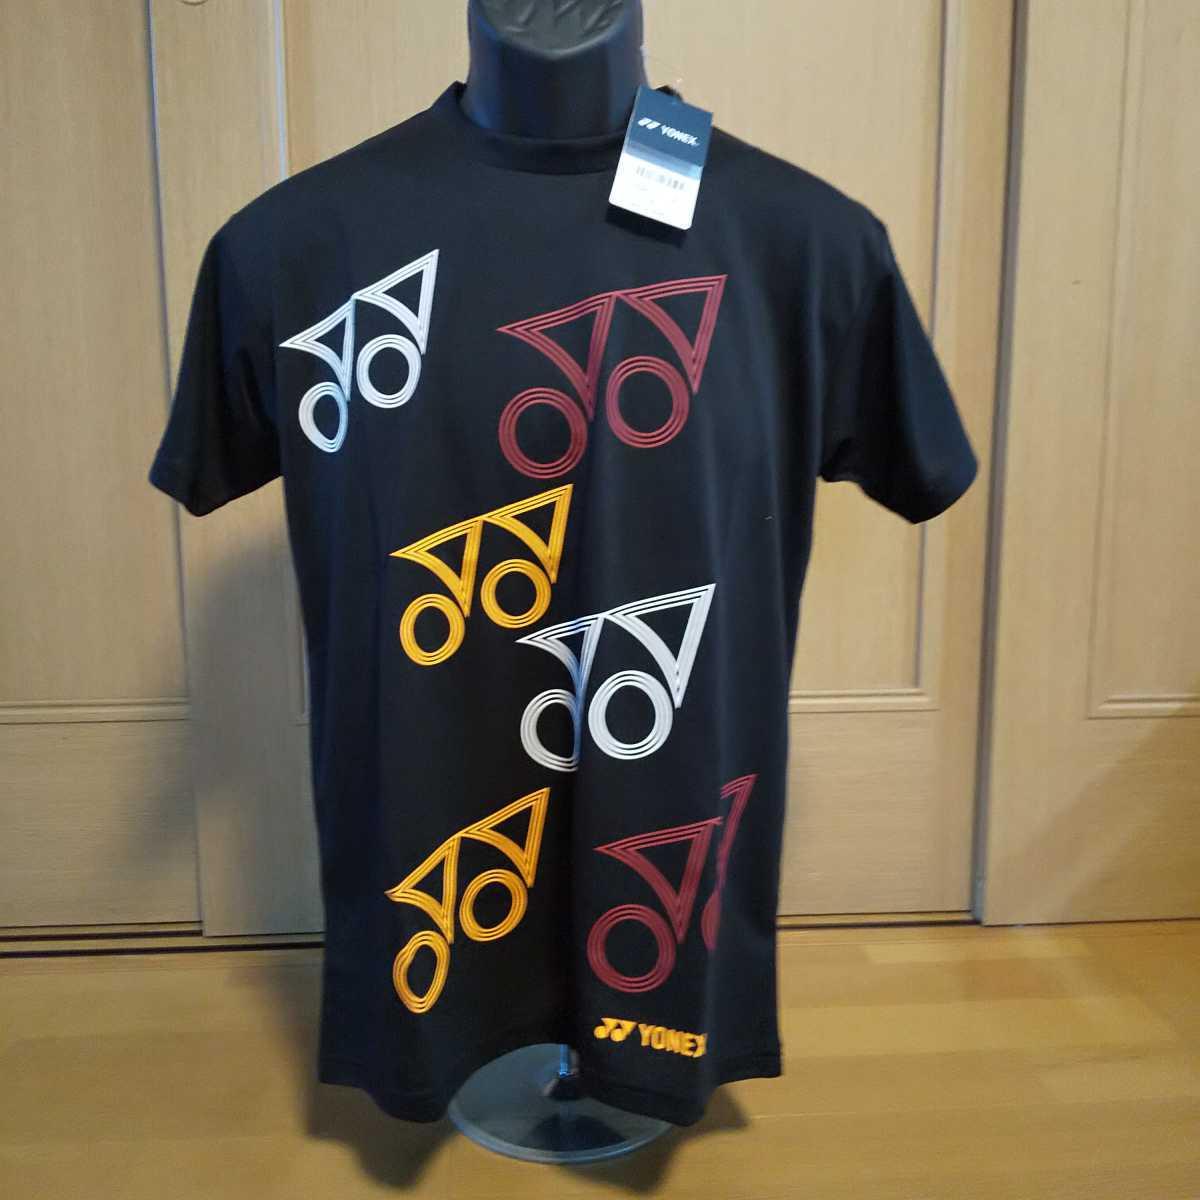 ヨネックス「YONEX』ドライTシャツ サイズ(S) カラー/ブラック(007)本体価格¥3,800+税★未使用品★送料無料